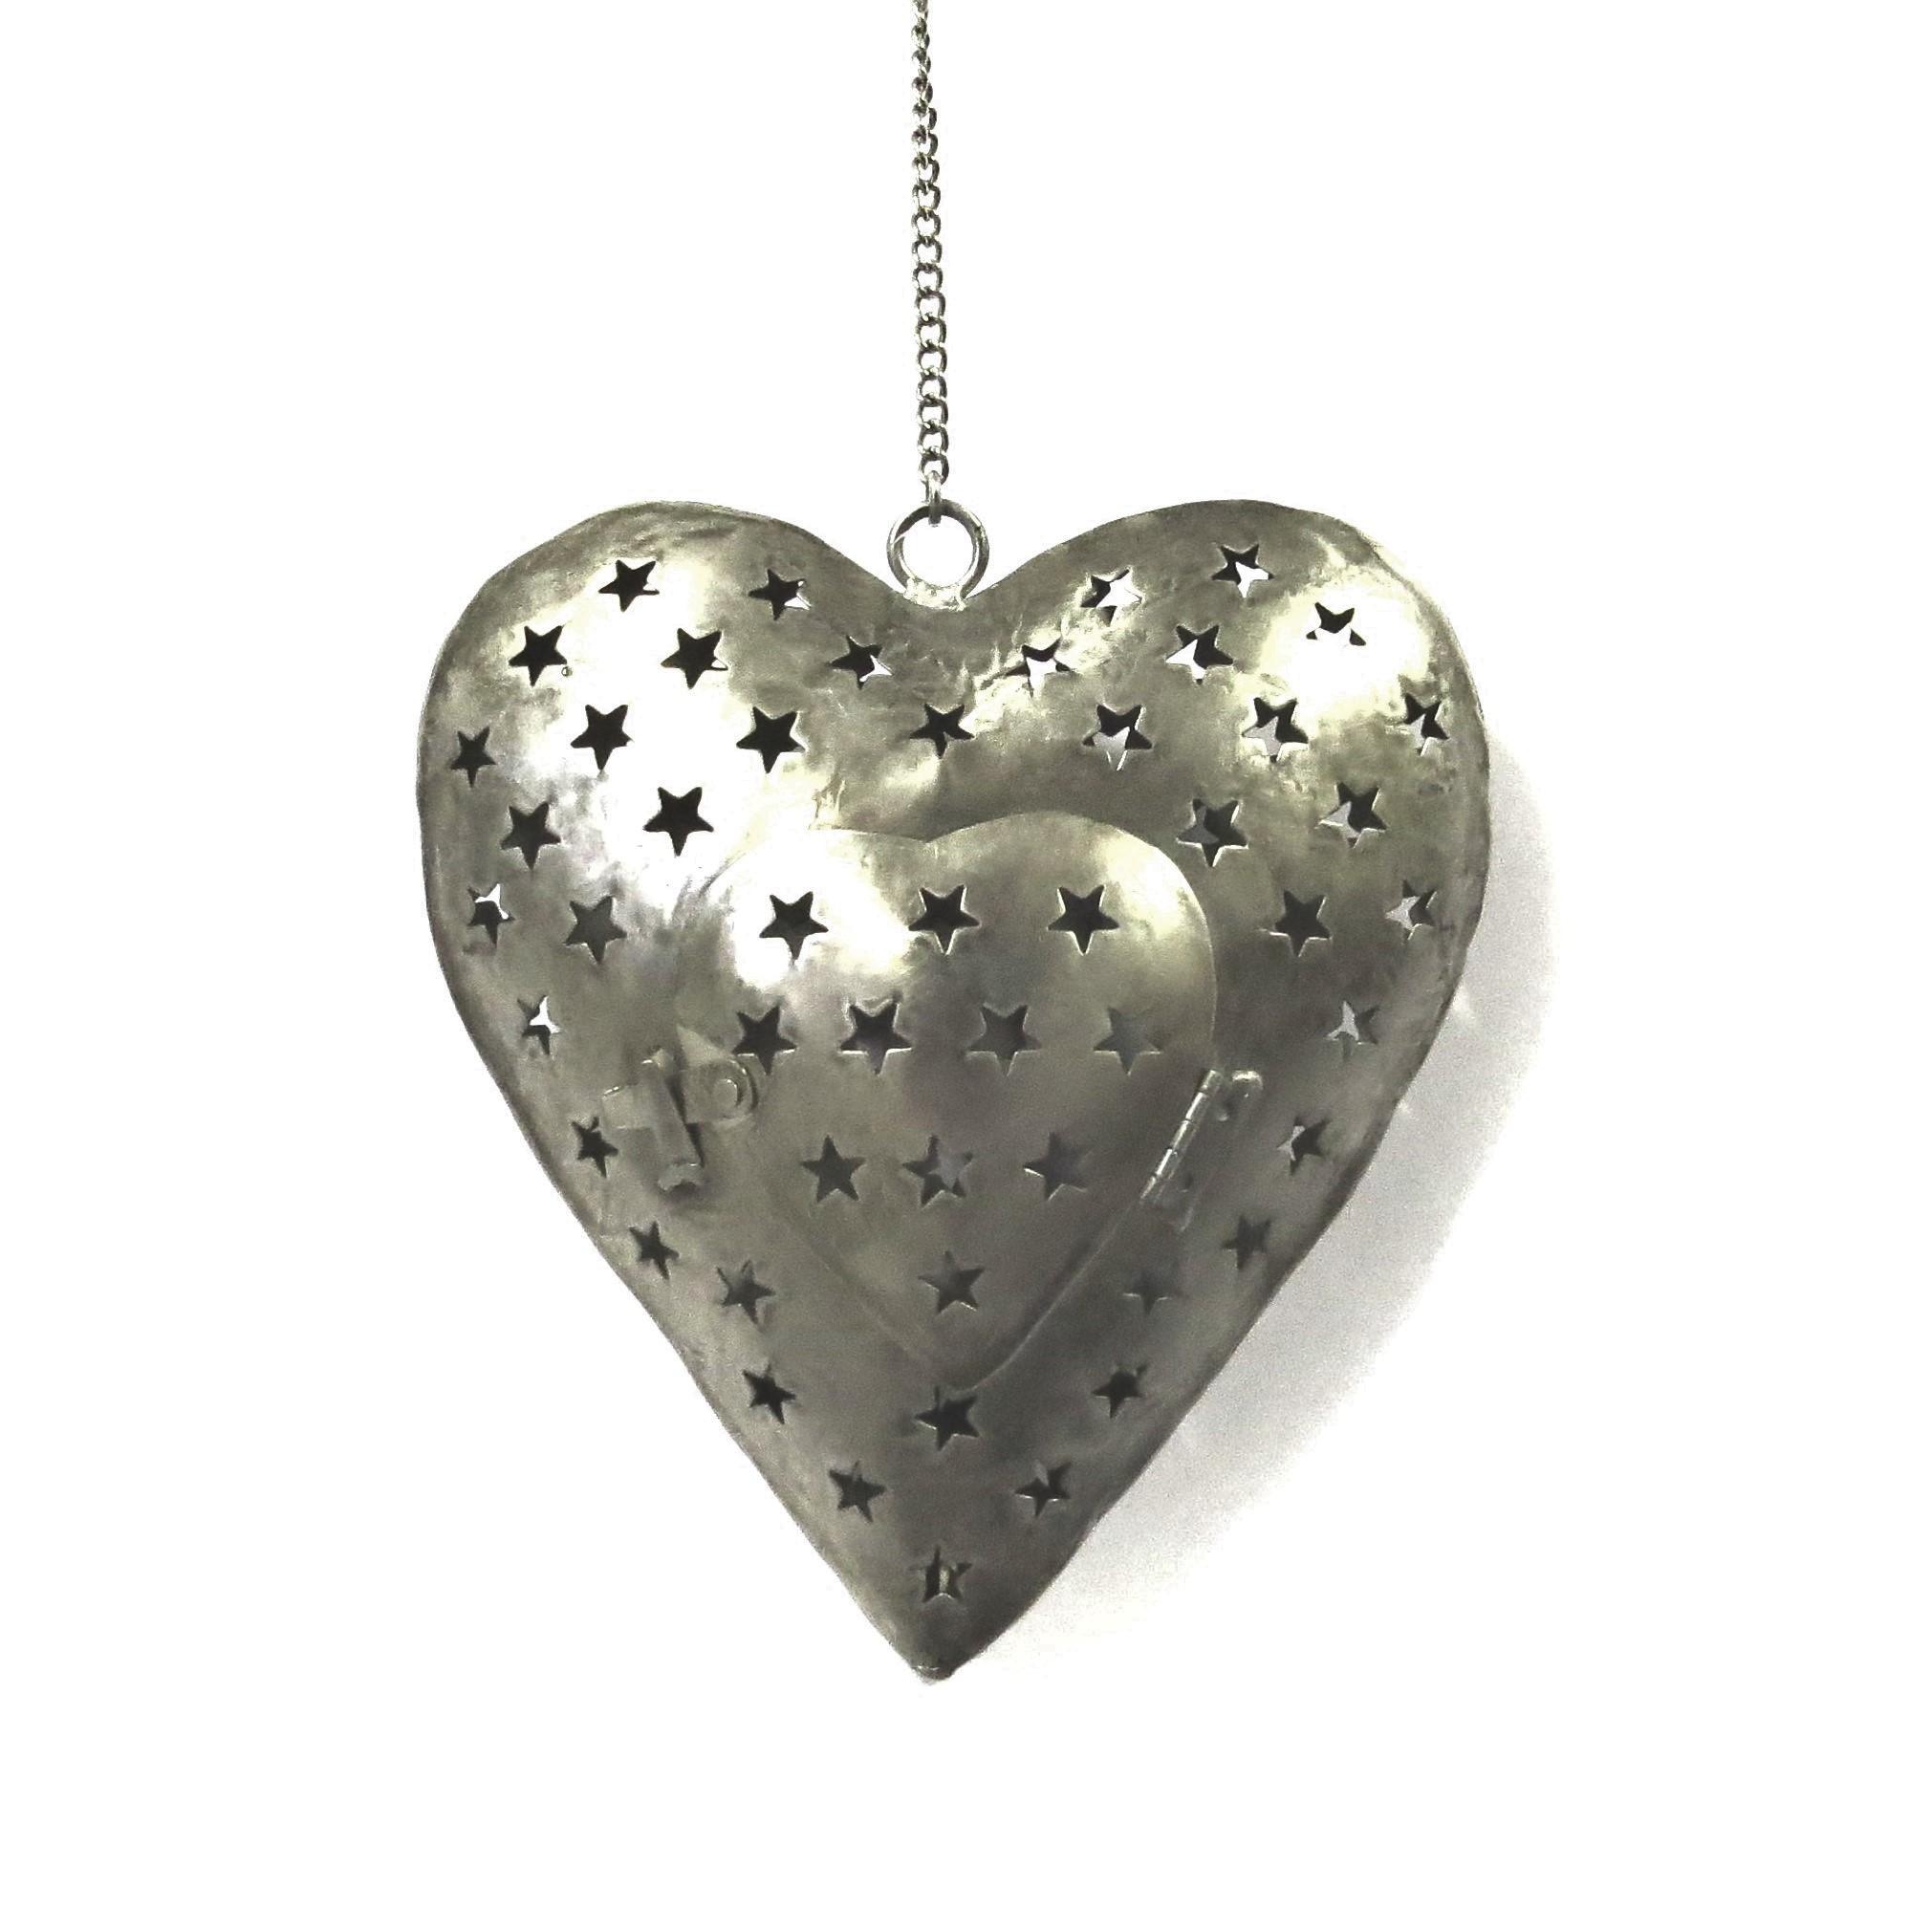 Herz,Herzhänger,antik,Metall,Teelichthänger,Teelicht,